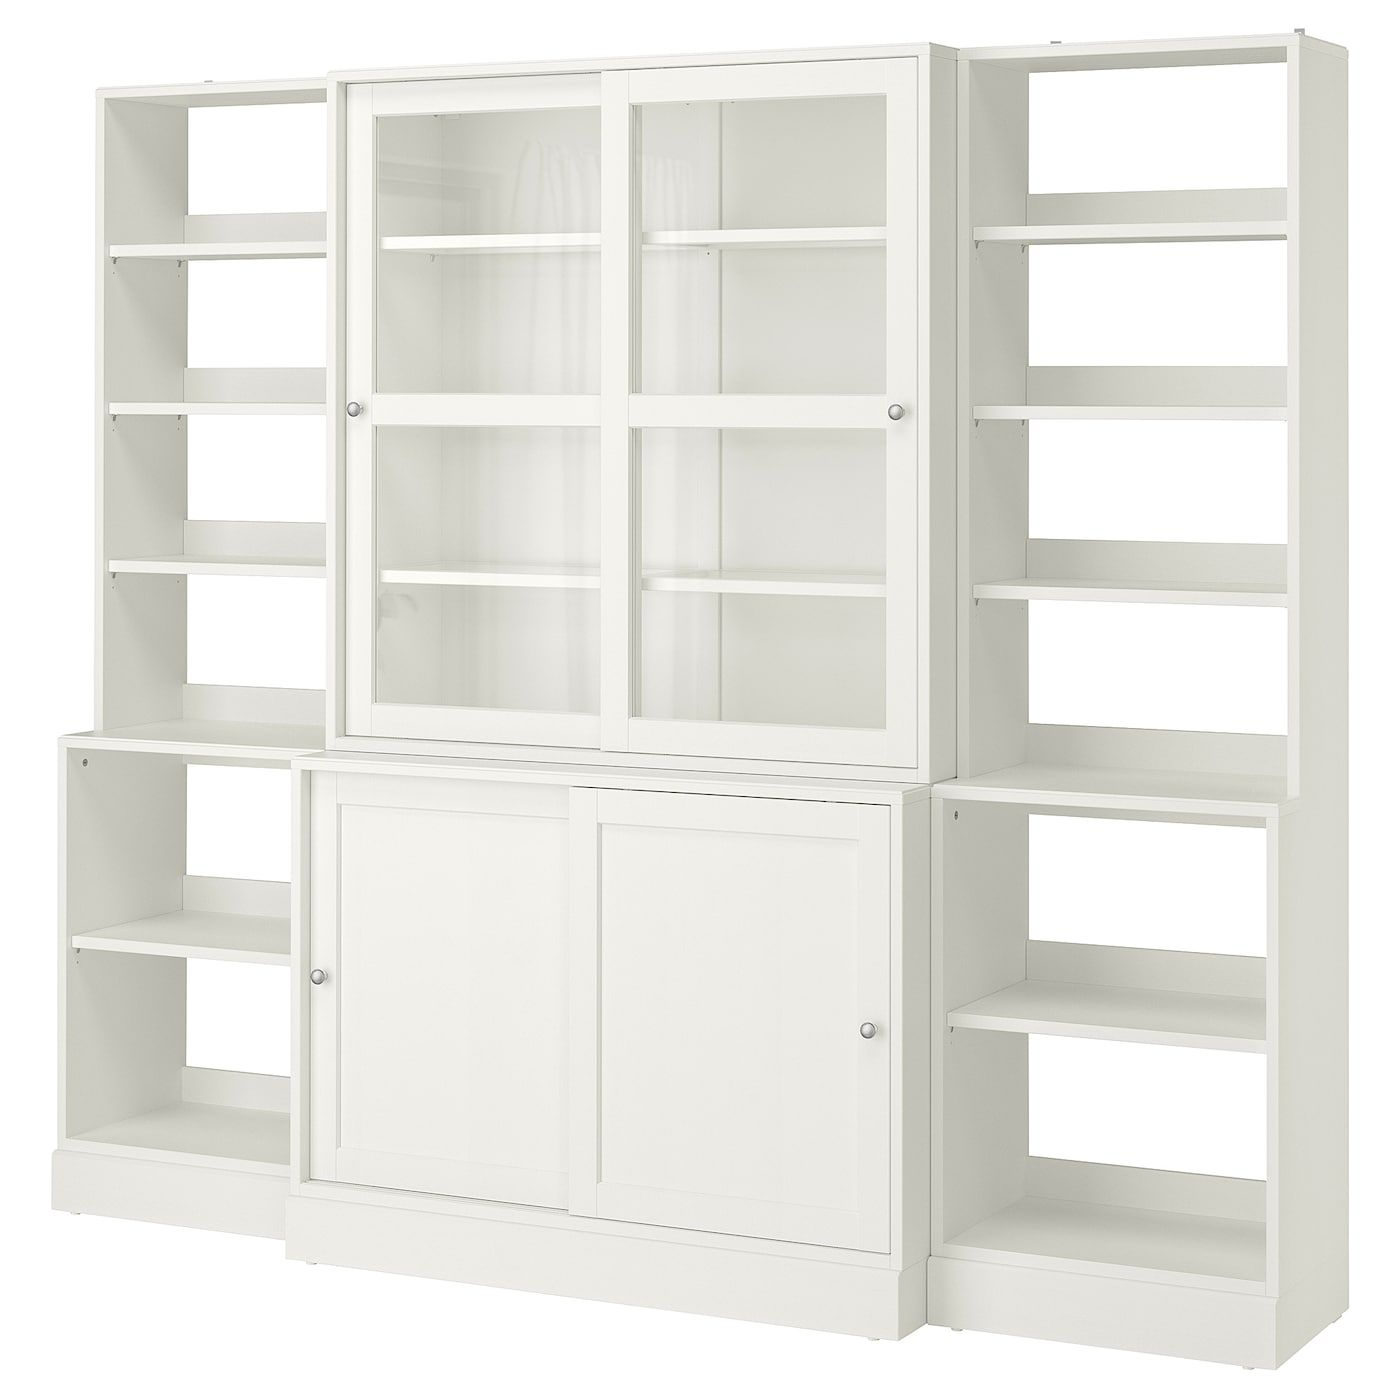 Ikea Havsta Combi Armario Puert Corred Vidrio Blanco Hecha Con Madera Proveniente De Fuentes Sostenibles La In 2020 Sliding Glass Door White Bookcase Glass Door